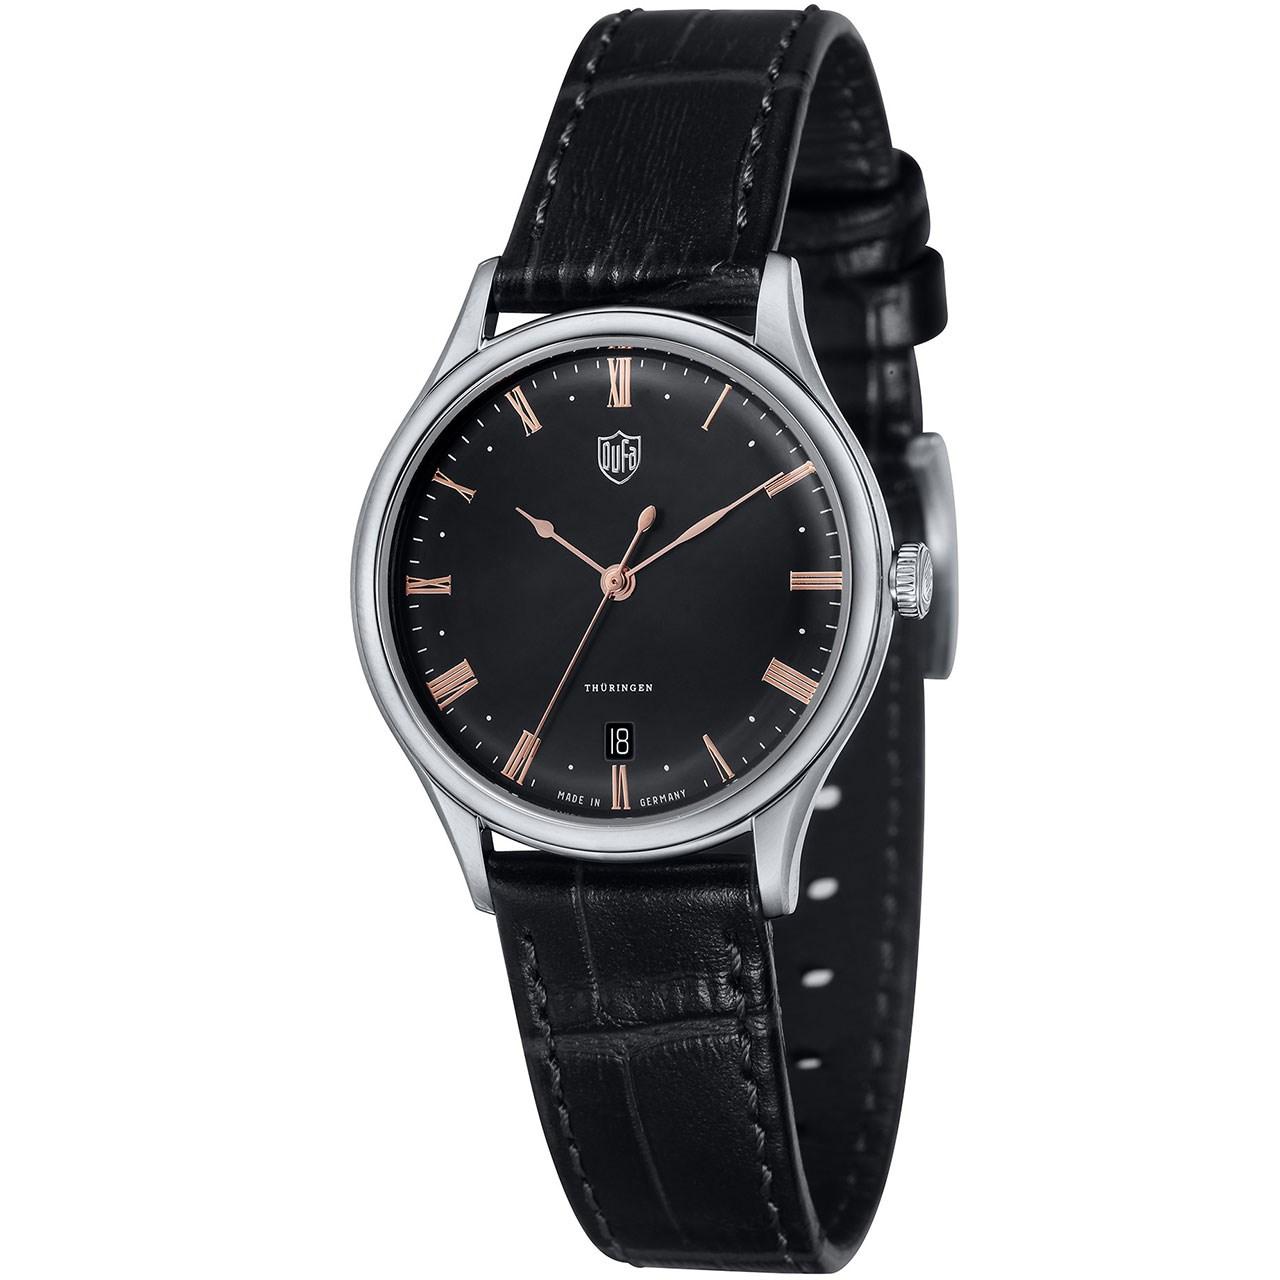 ساعت مچی عقربه ای زنانه دوفا مدل DF-7006-01